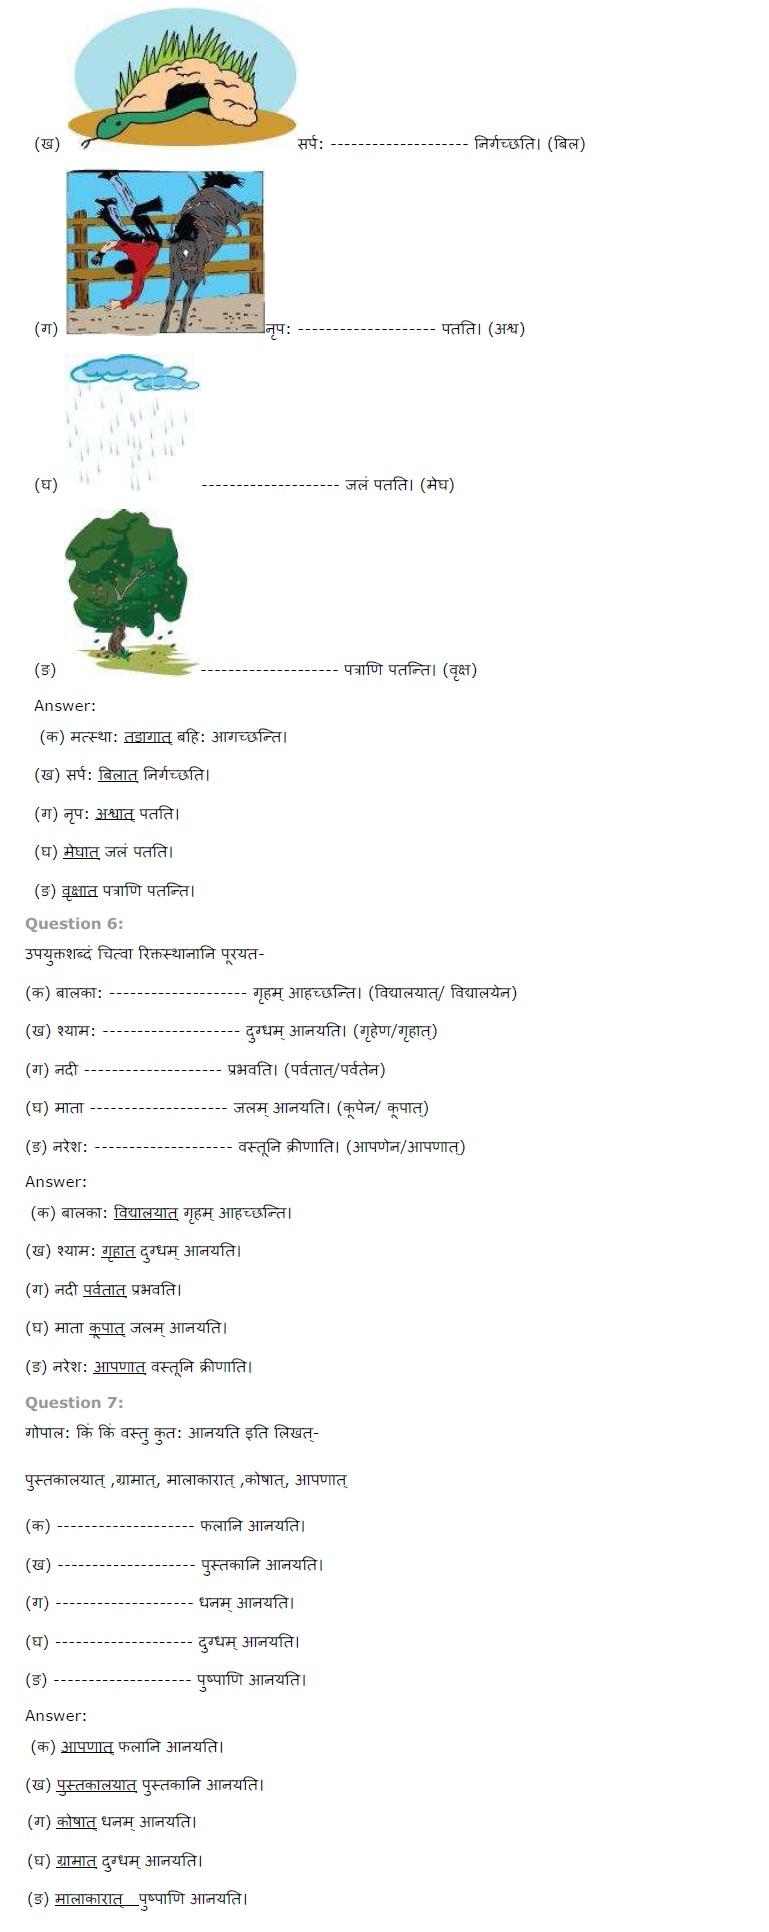 NCERT Solutions Class 6 Sanskrit Chapter 8 अस्माकं विद्यालय पंचमी षष्ठी विभक्ति